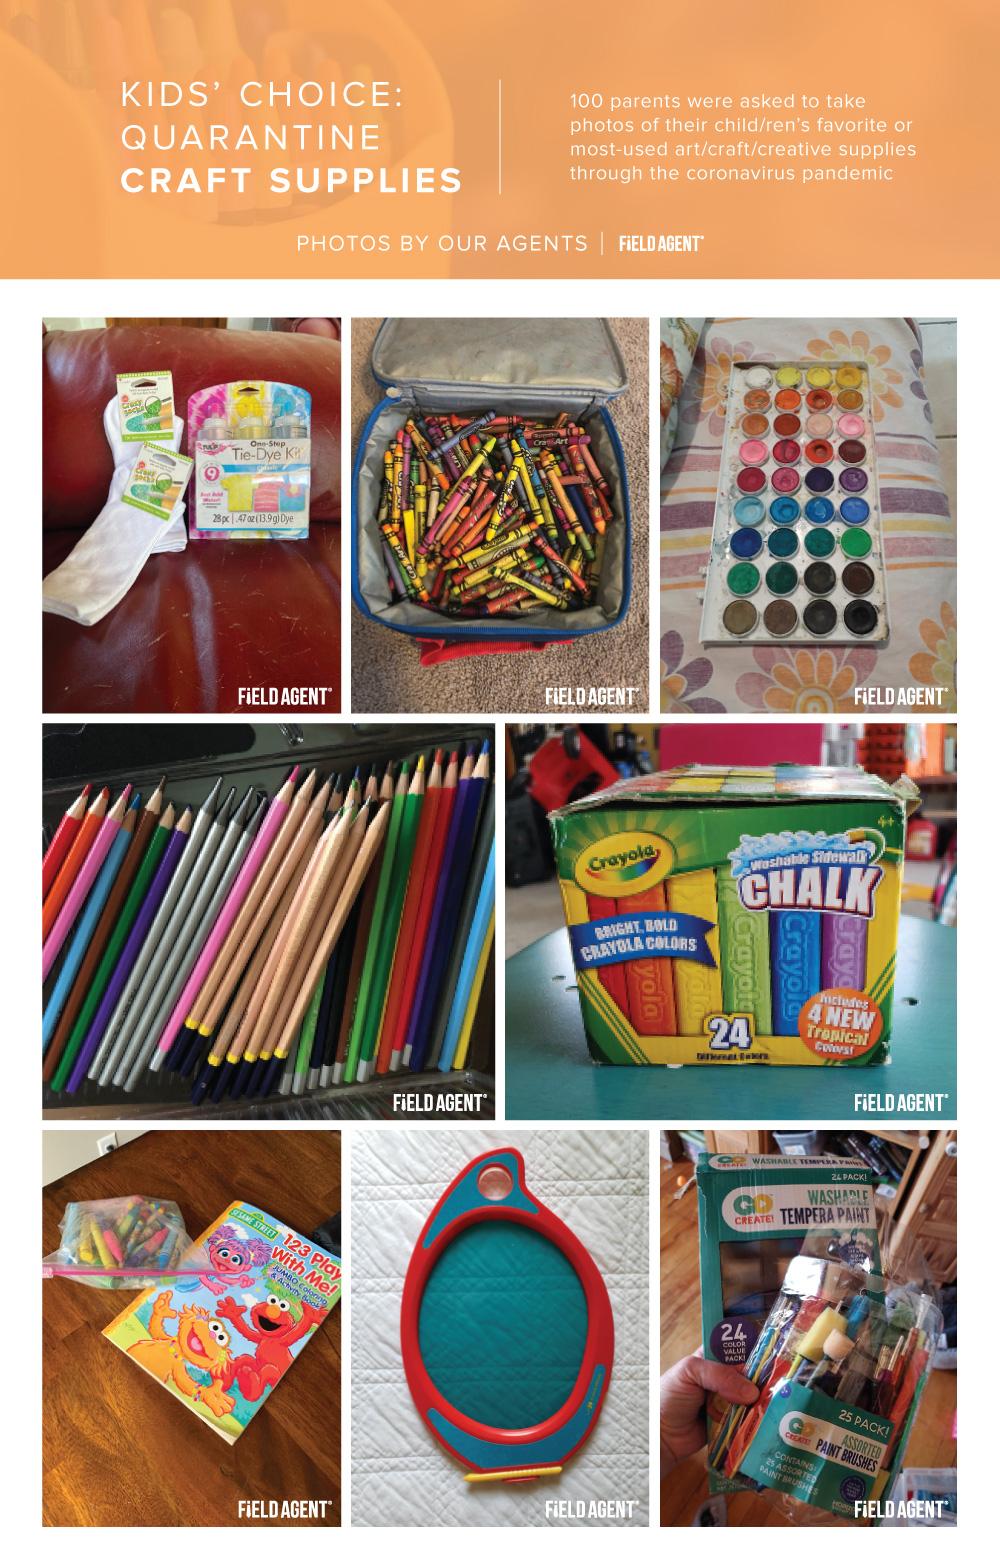 Coronavirus Shopping for Kids Quarantine Craft Supplies Agent Photo Gallery